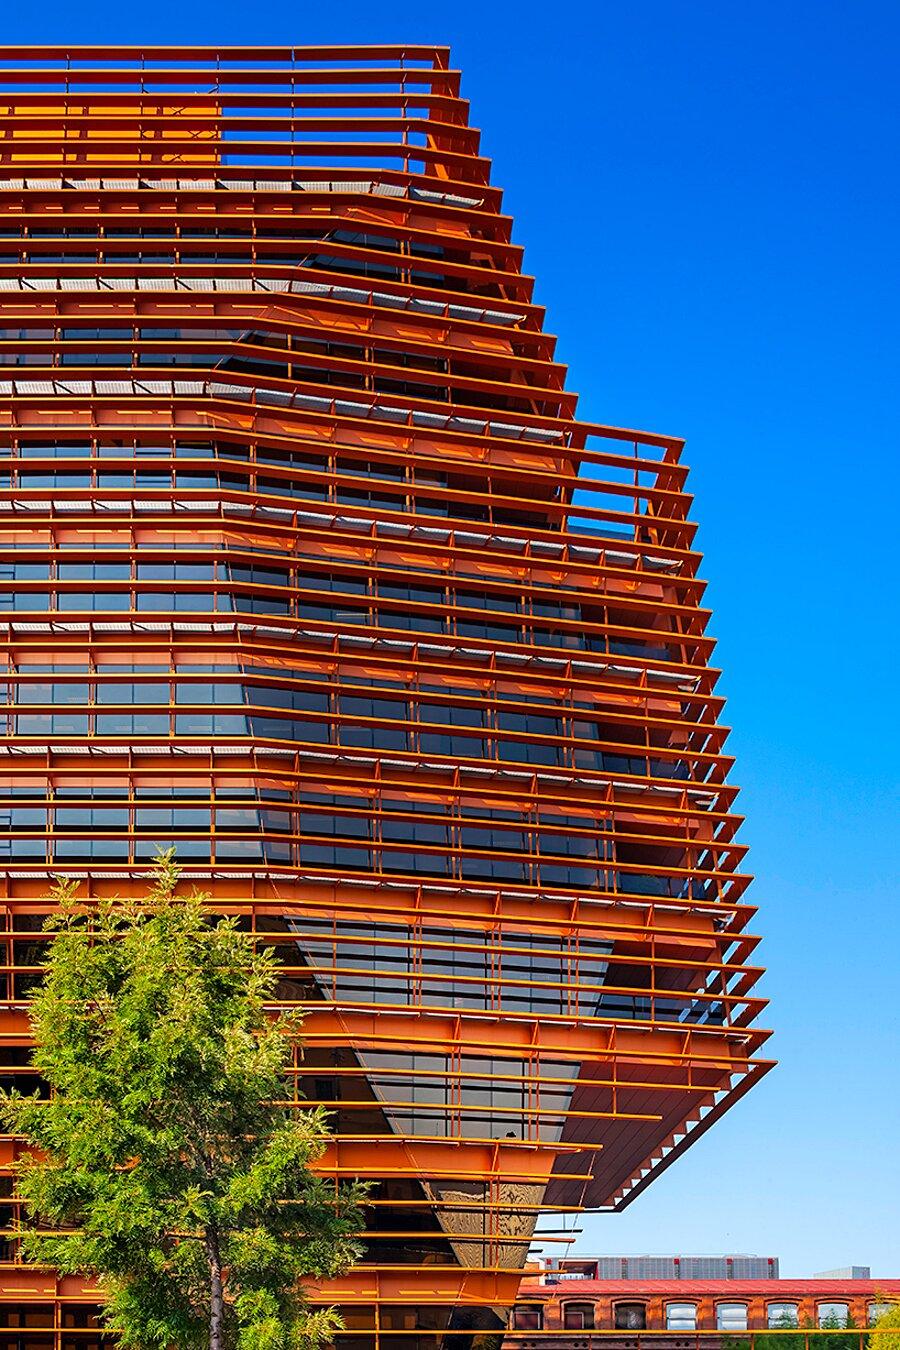 fotografia-architettura-barcellona-david-cardelus-08